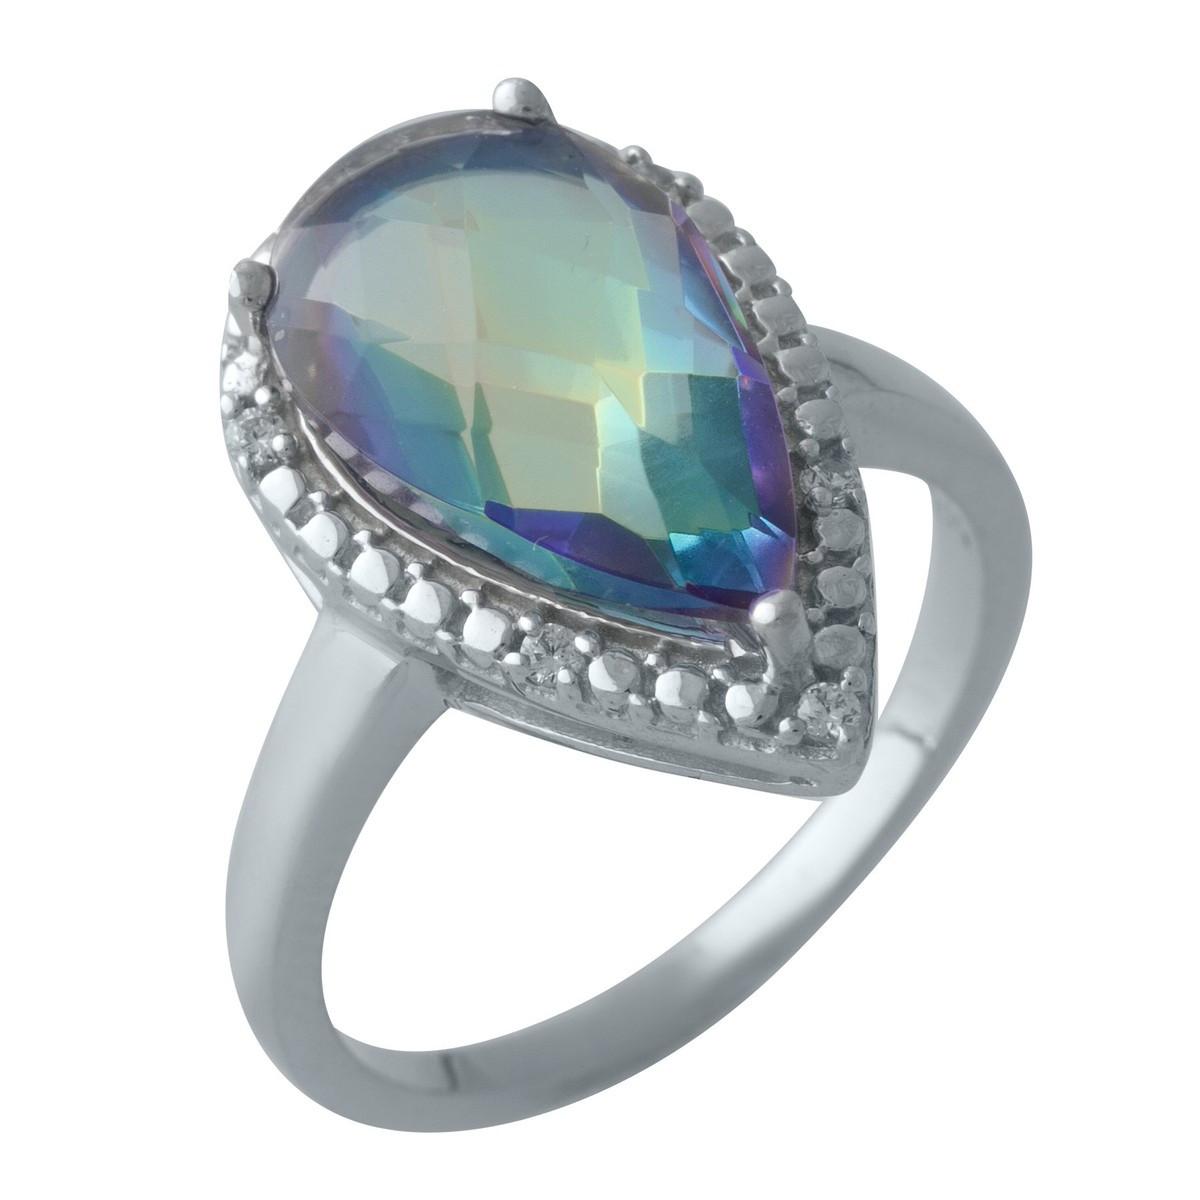 Серебряное кольцо DreamJewelry с натуральным мистик топазом (2004936) 17 размер